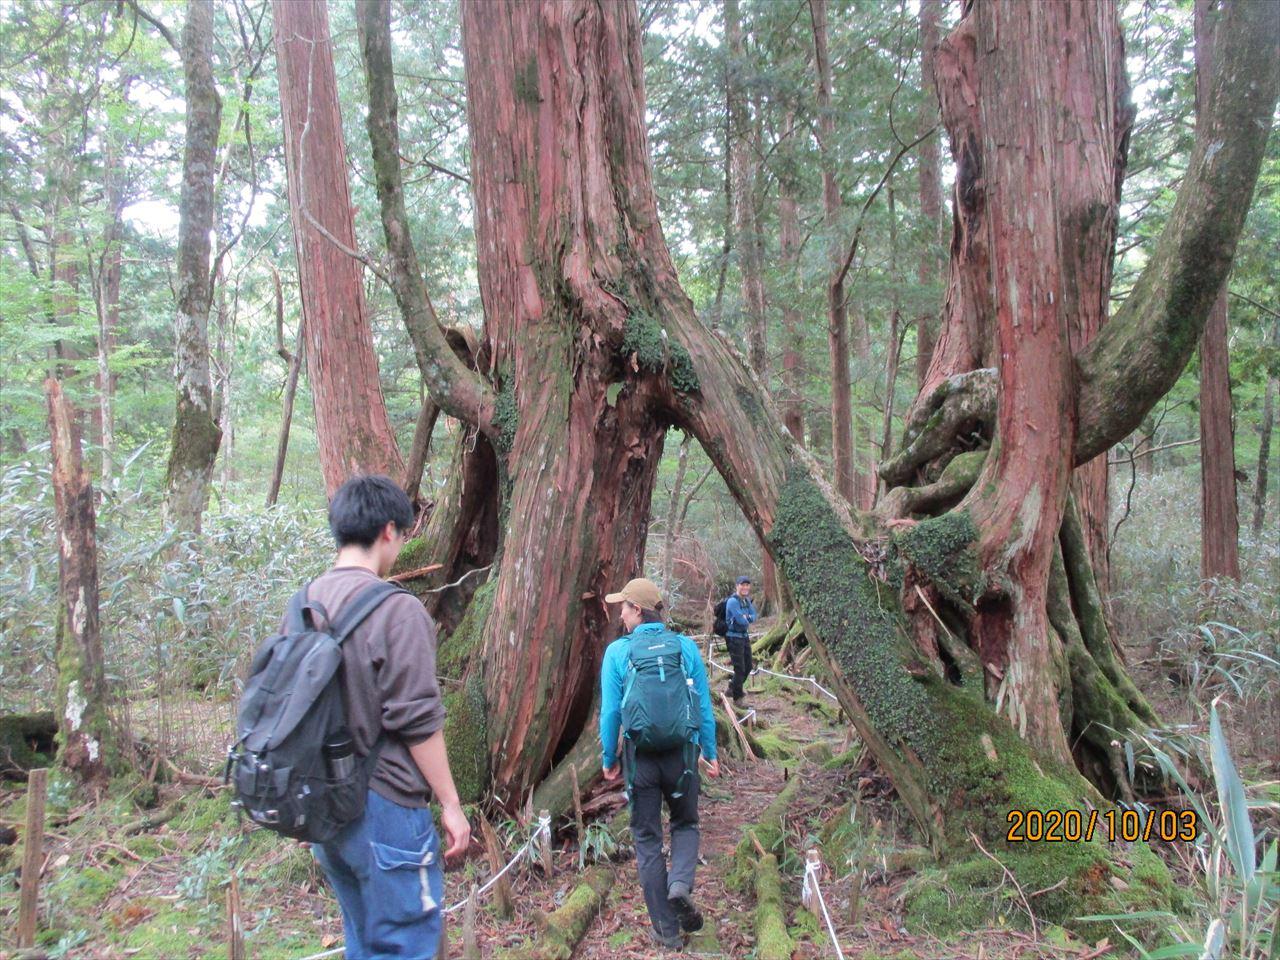 「『屋久島』へ行って来ました!?」 四国・林業先進地見学記(その1)